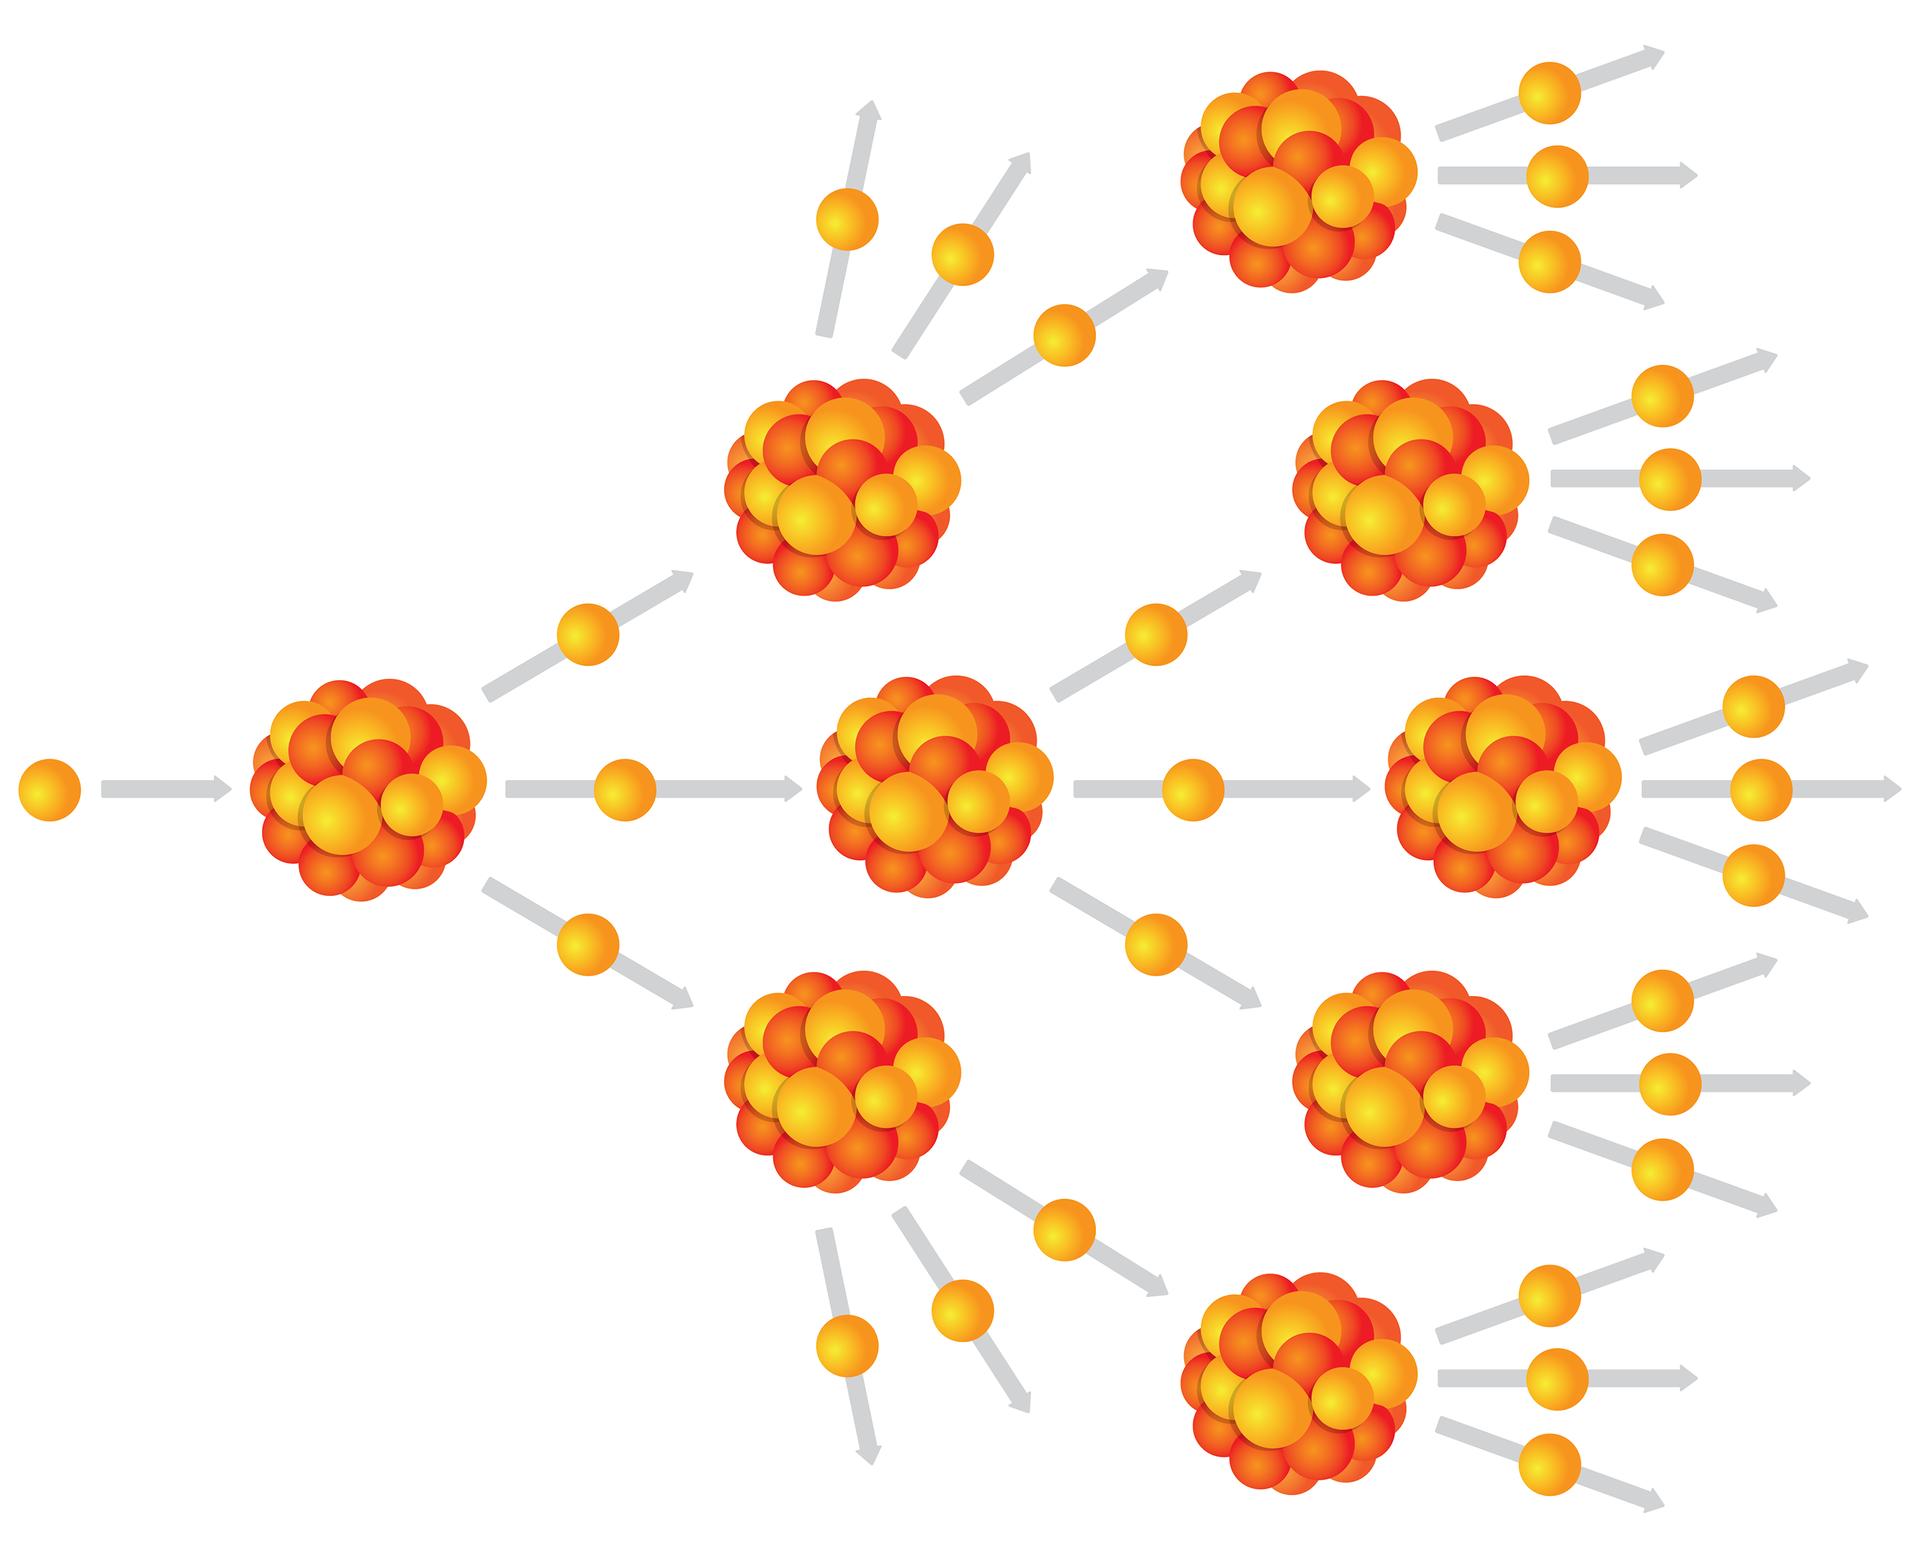 schemat reakcji łańcuchowej